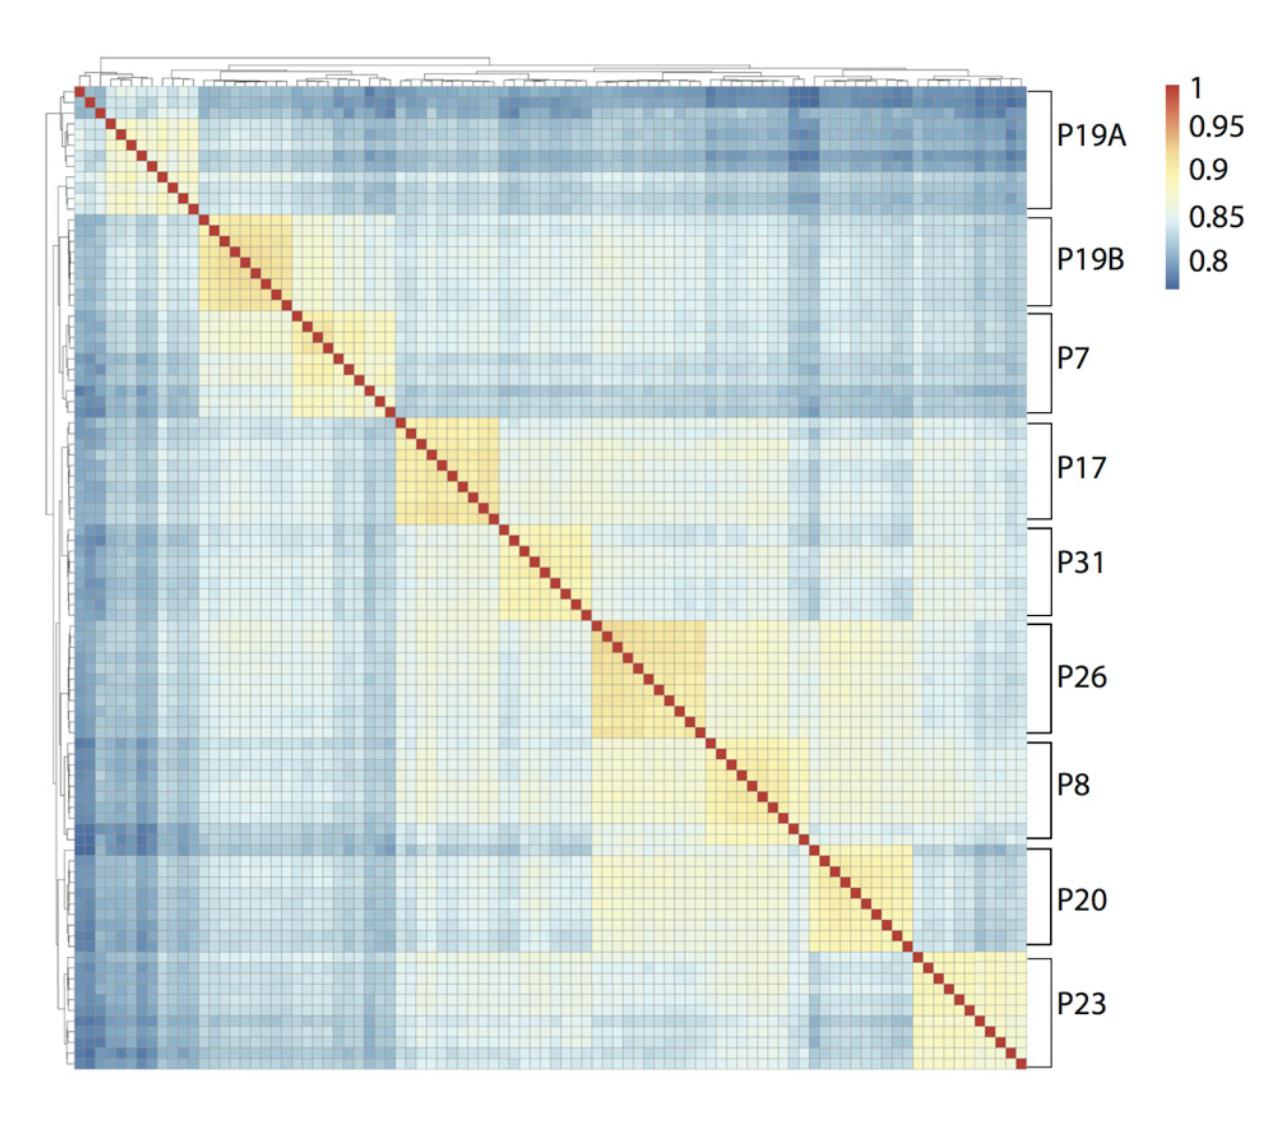 类器官单细胞转录组表达矩阵相关性热图